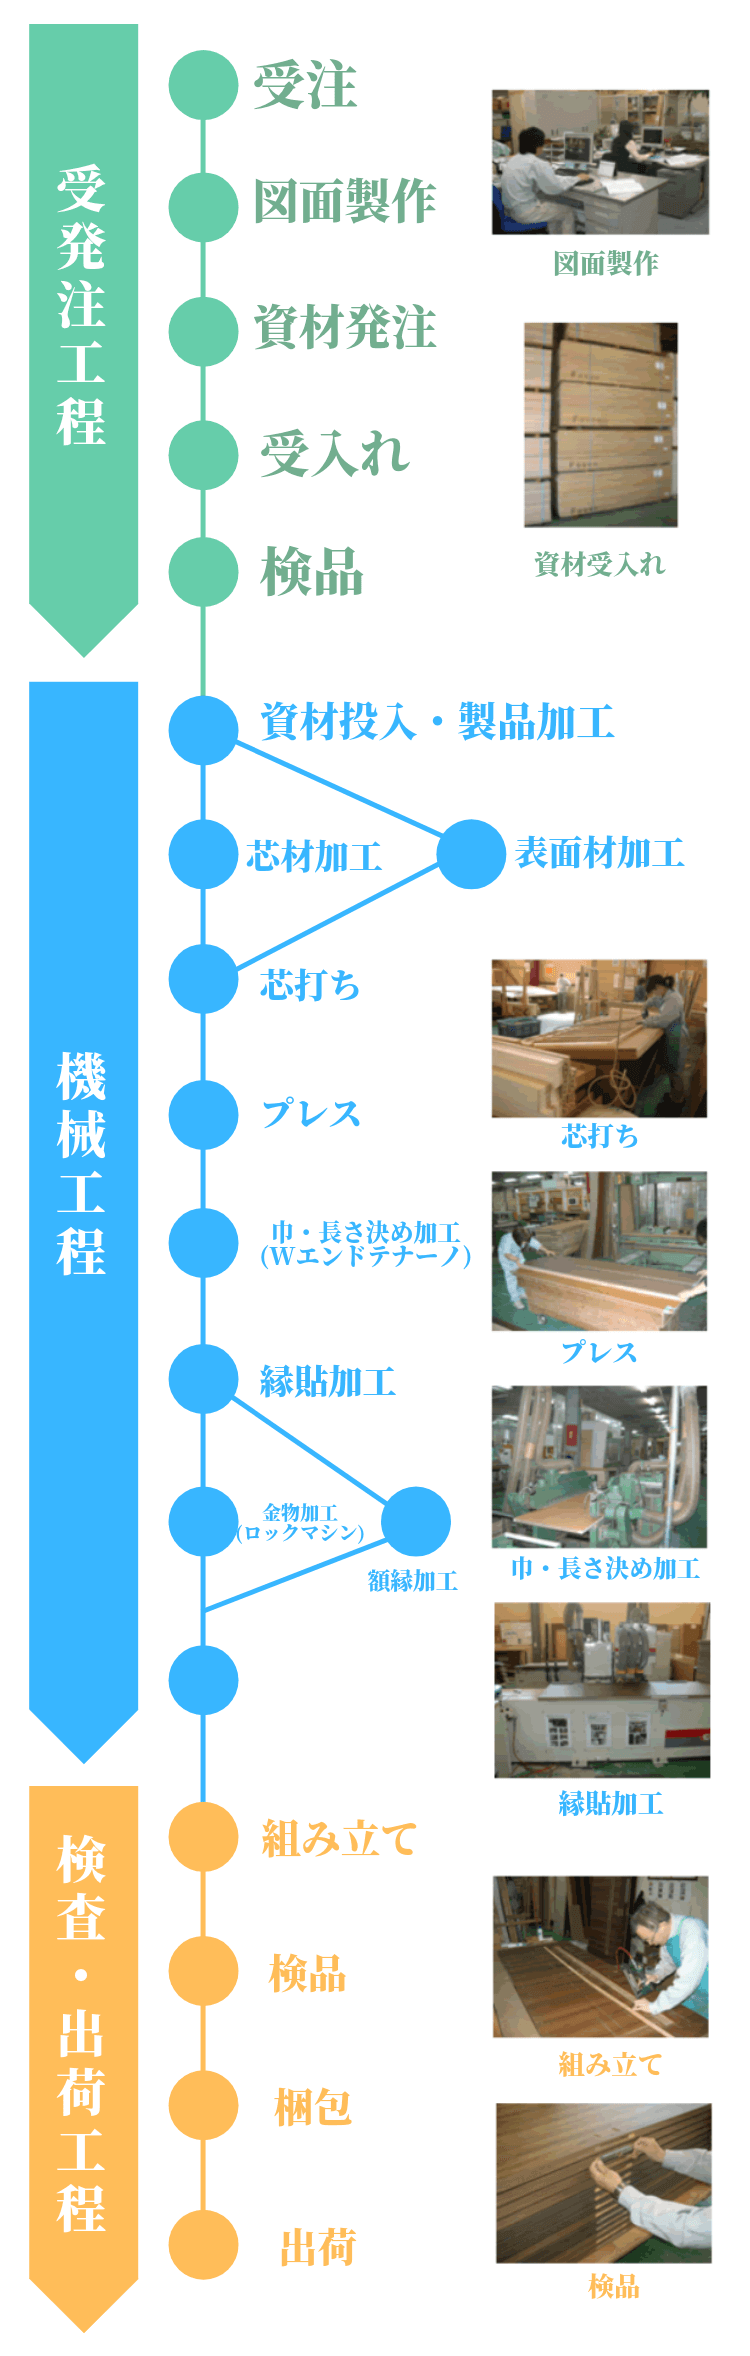 ドア製作工程